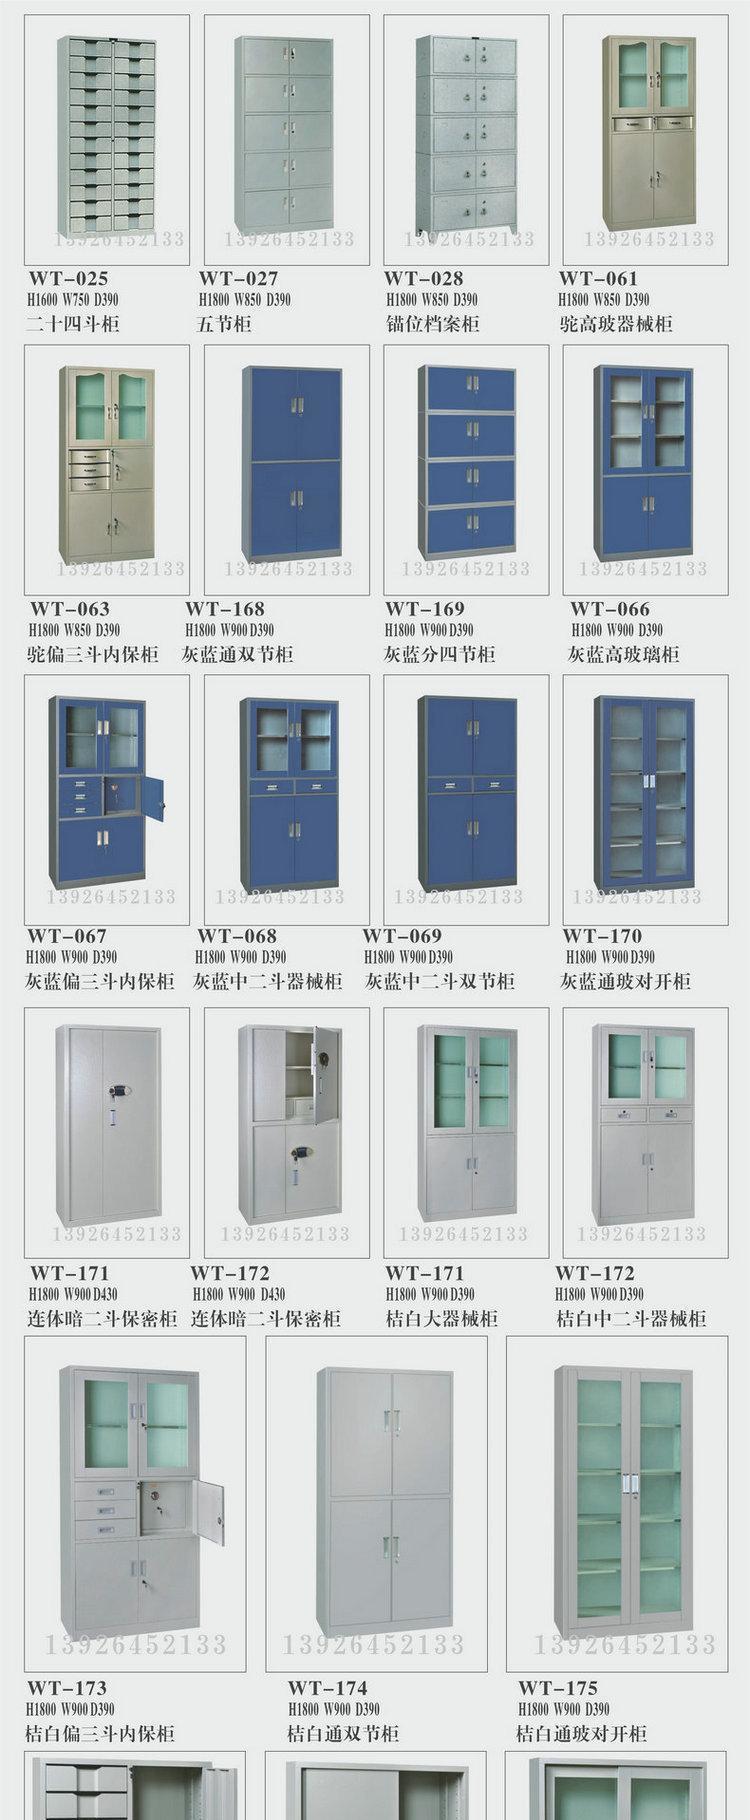 广州 文件柜 铁皮文件柜 办公文件柜 等体器械柜 工厂批发 热销示例图5